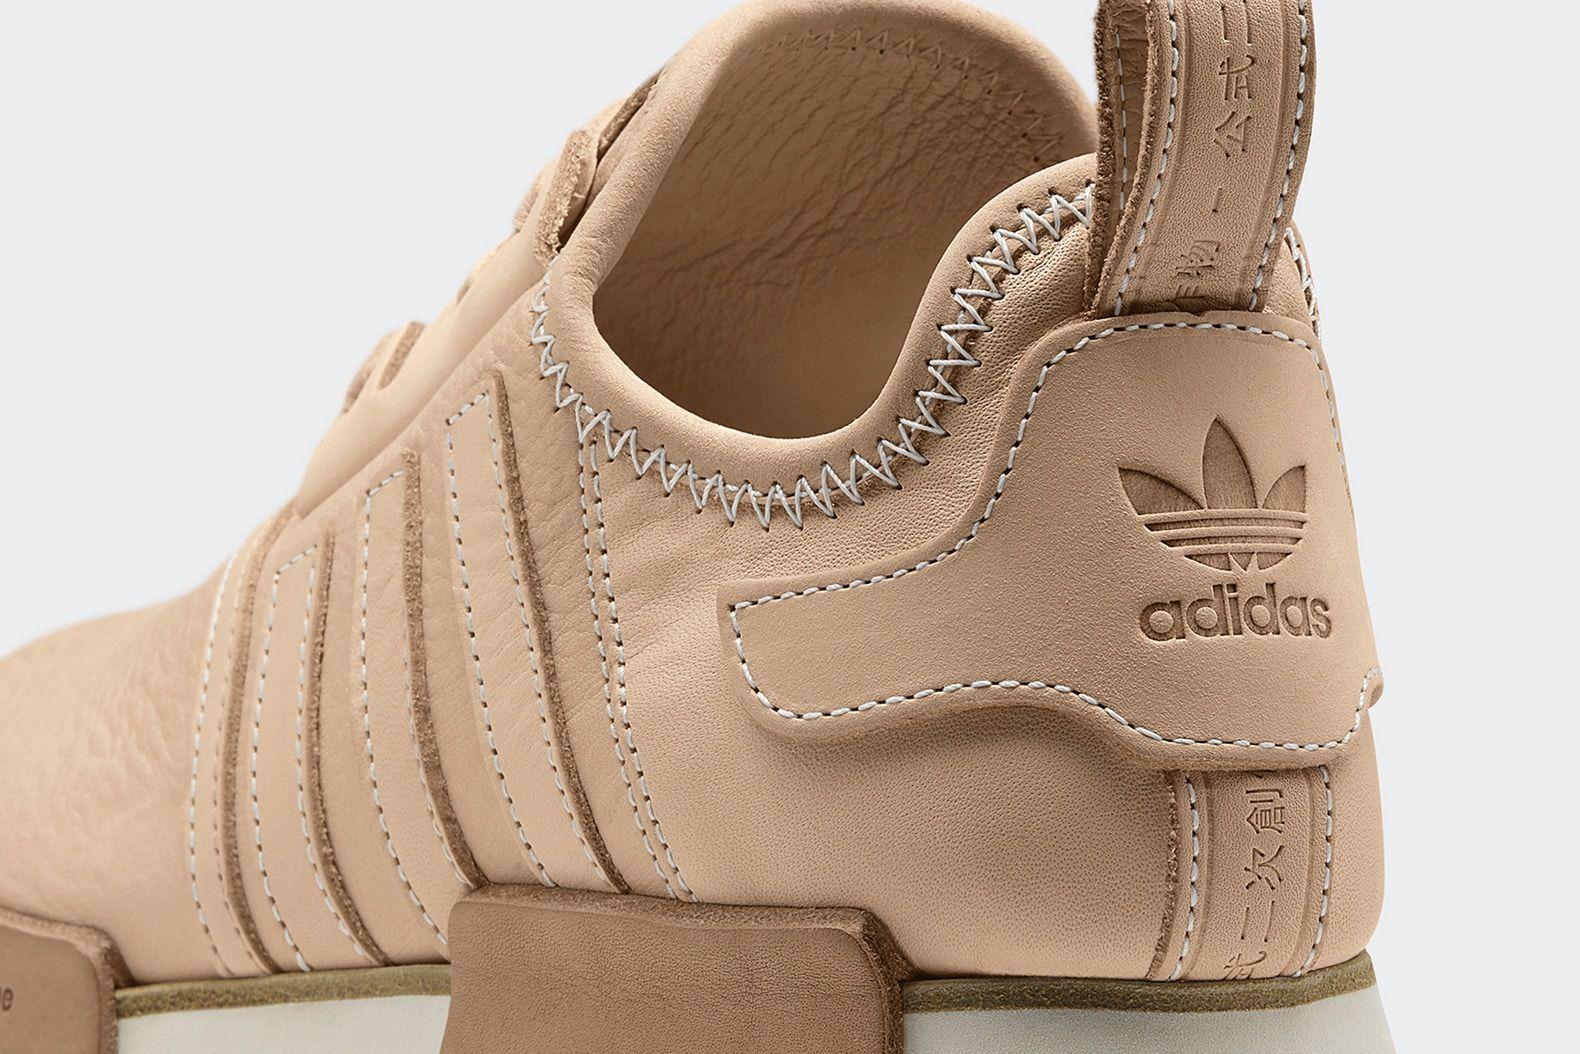 aca80d4fd147 Hender Scheme x Adidas Originals   Shoes!   Pinterest   Adidas ...